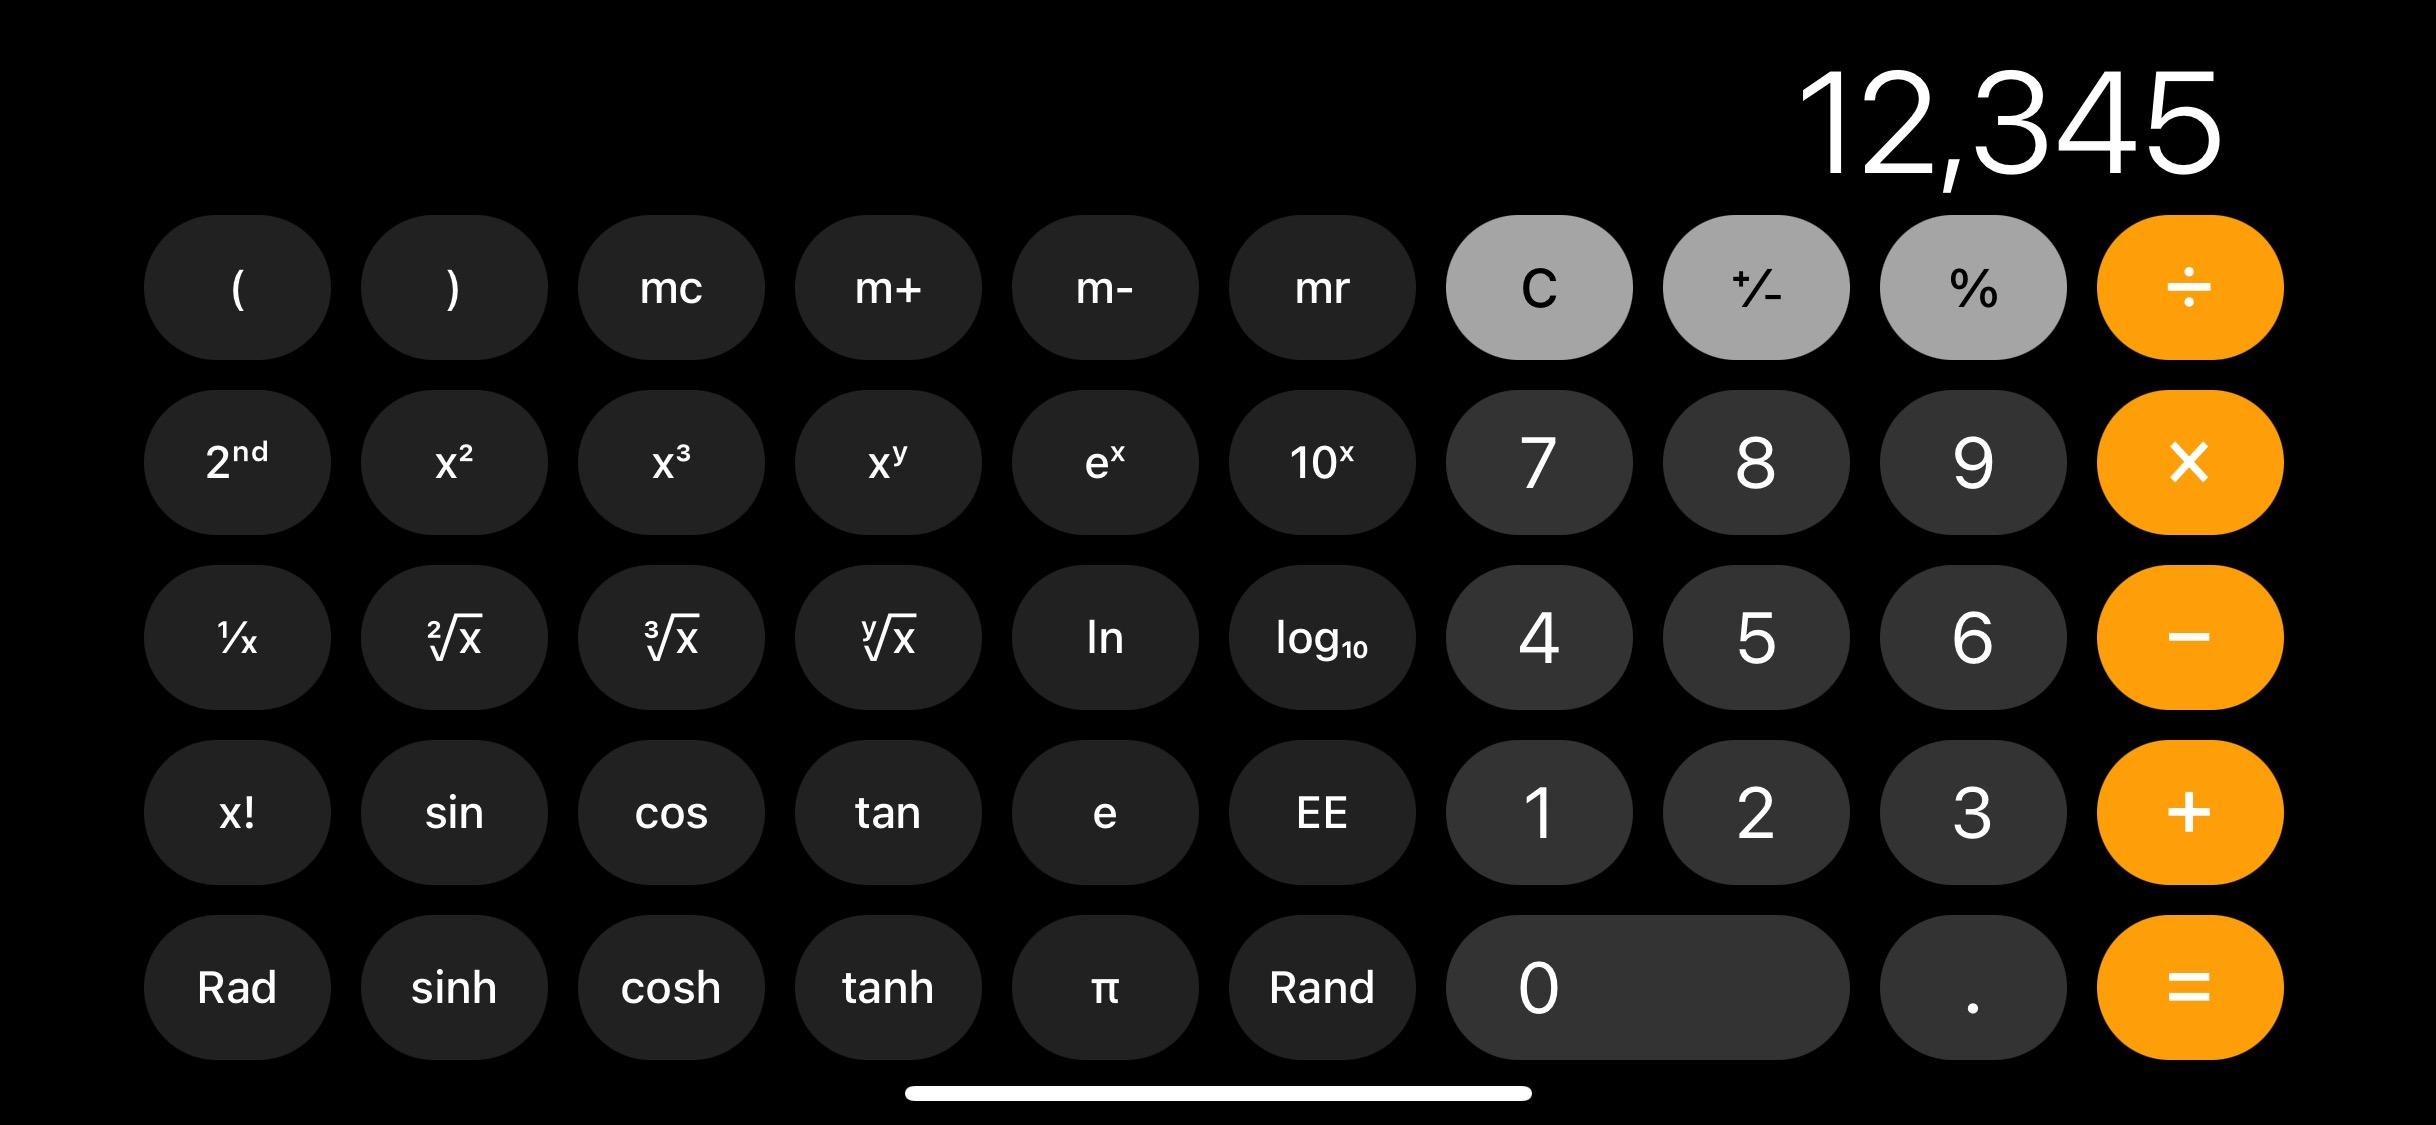 【豆知識】便利な計算機の使い方